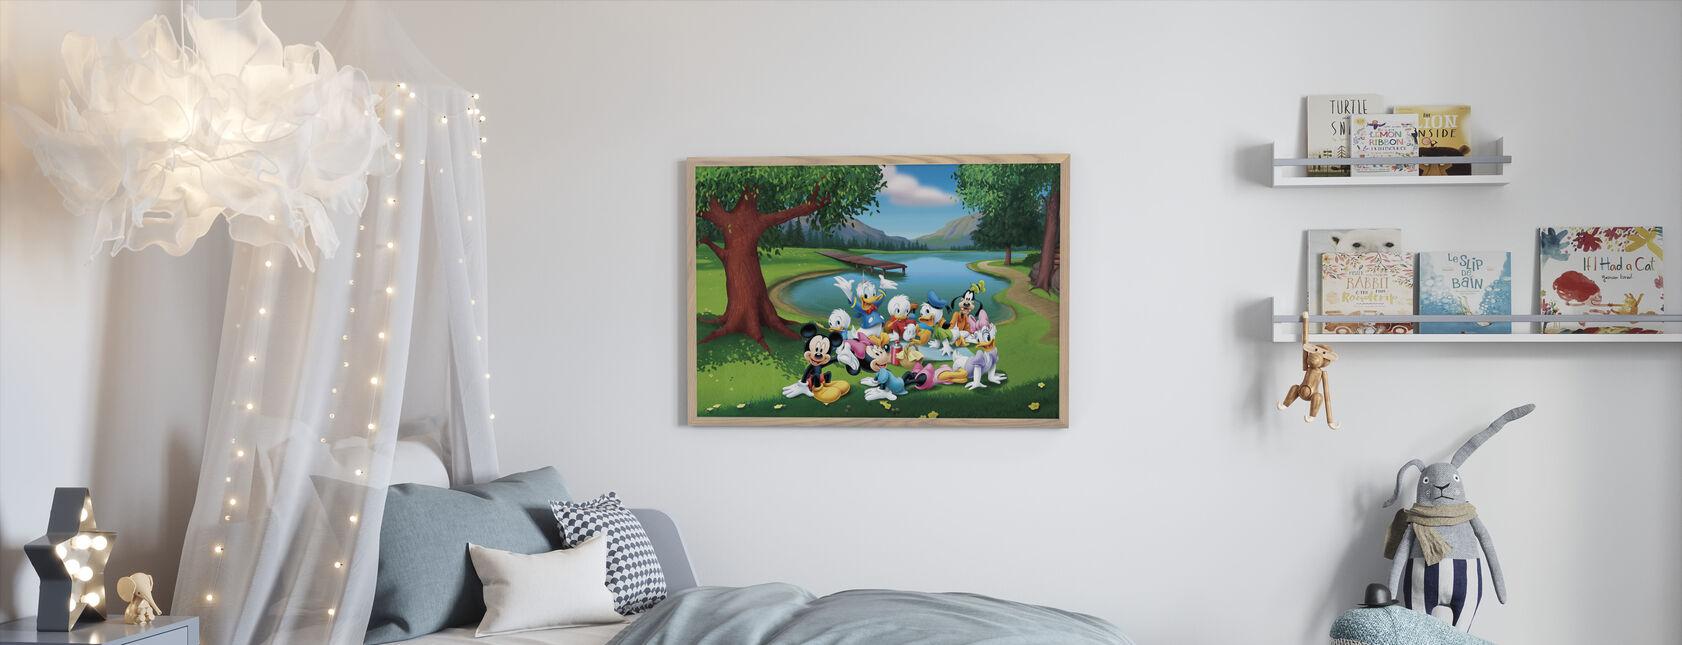 Musse och vänner - Park - Inramad tavla - Barnrum